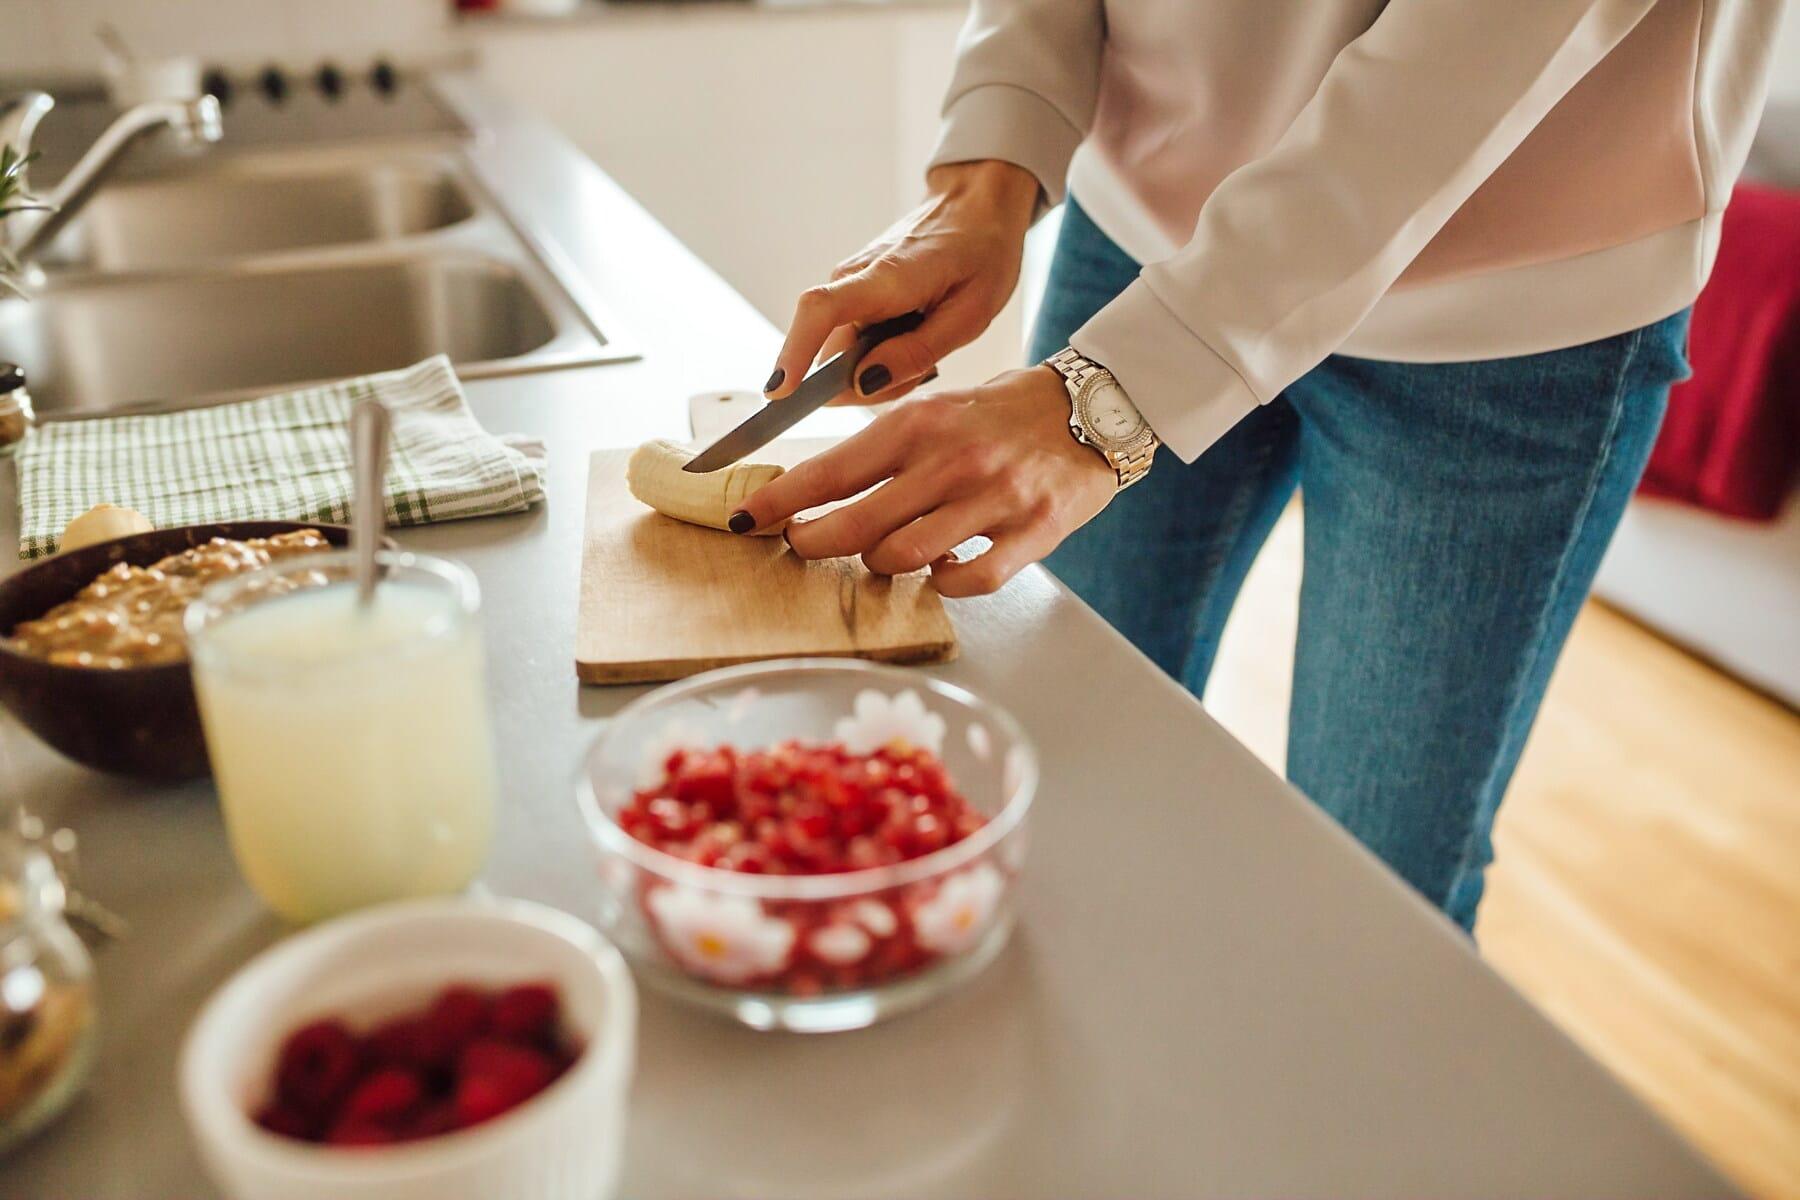 Scheiben, Banane, Messer, Obst, Frühstück, Bio, Vorbereitung, junge Frau, Essen, drinnen